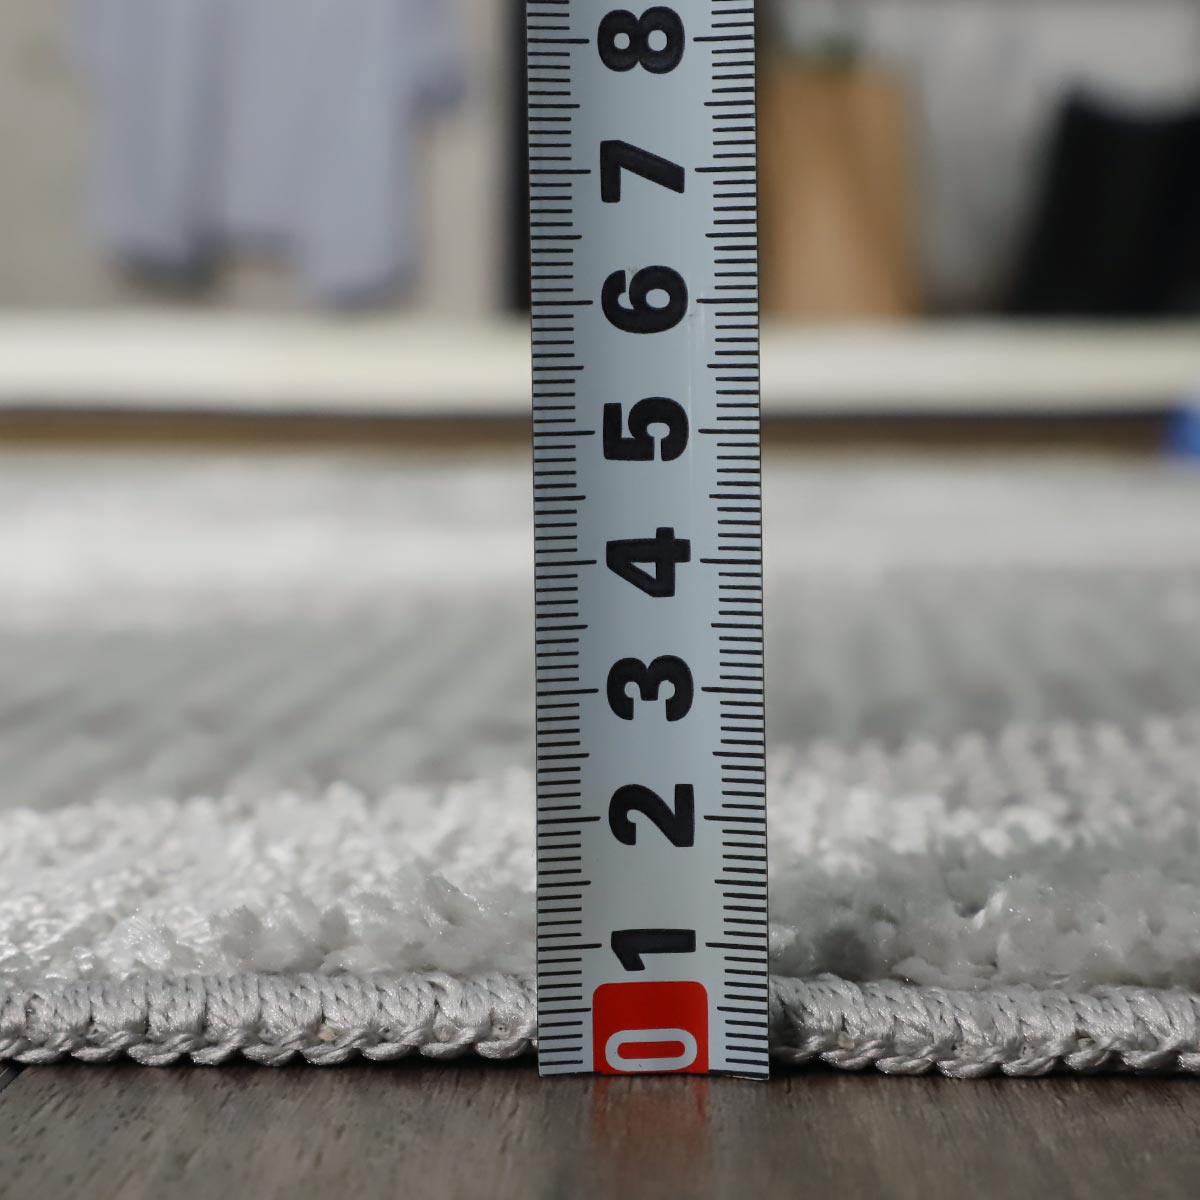 程よい厚さでテーブルの脚などで床を傷つけることを防ぎます。